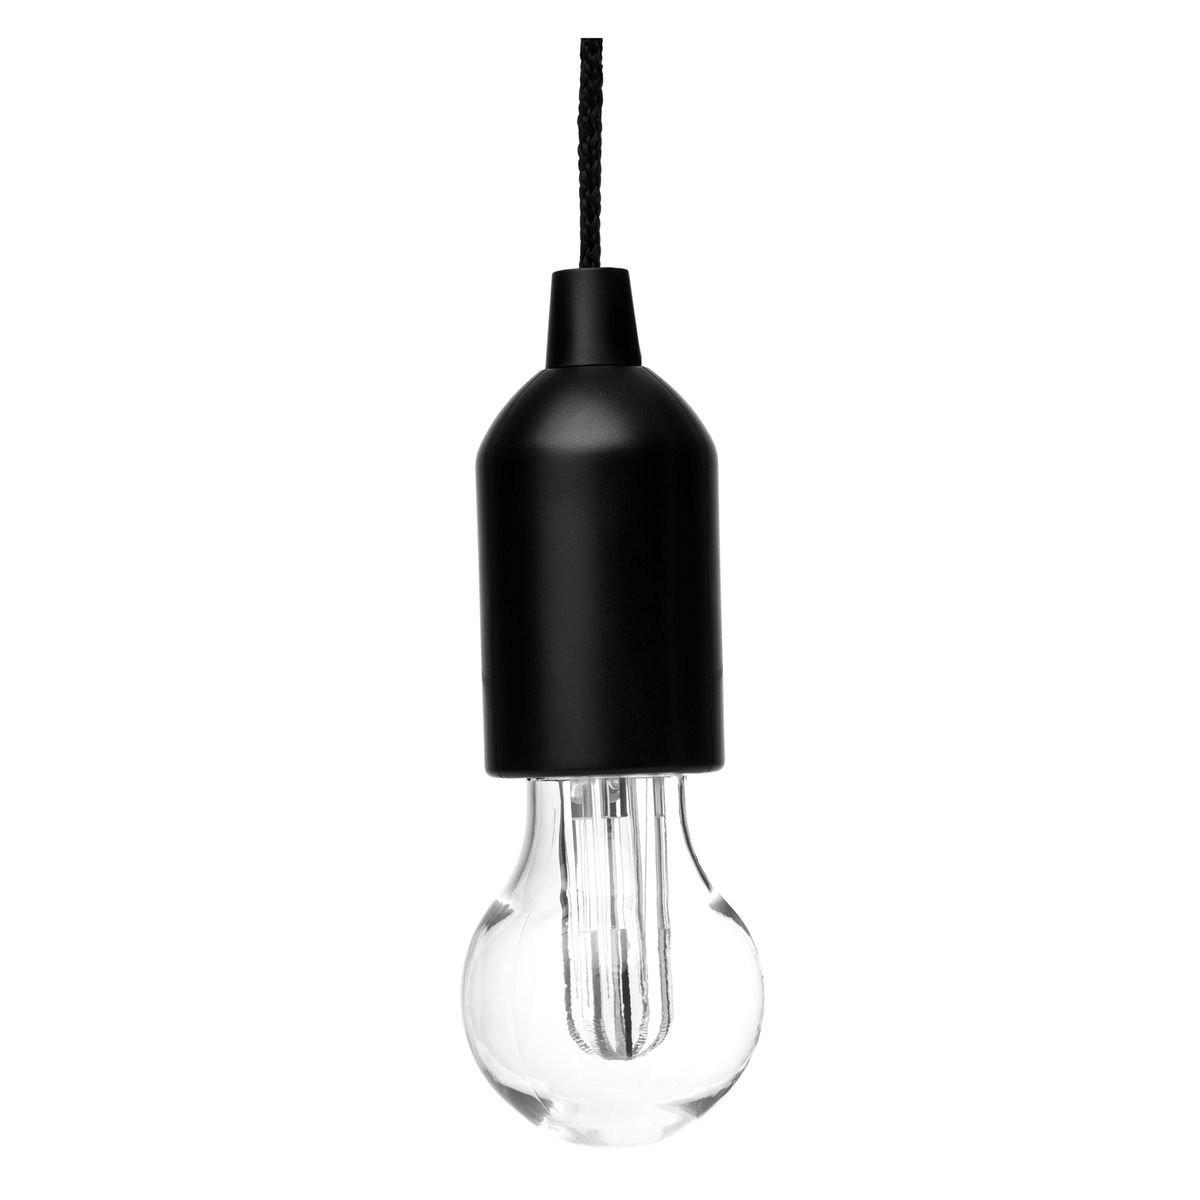 LED Lampe mit effektvollem Wechsellicht REFLECTS-GALESBURG III BLACK